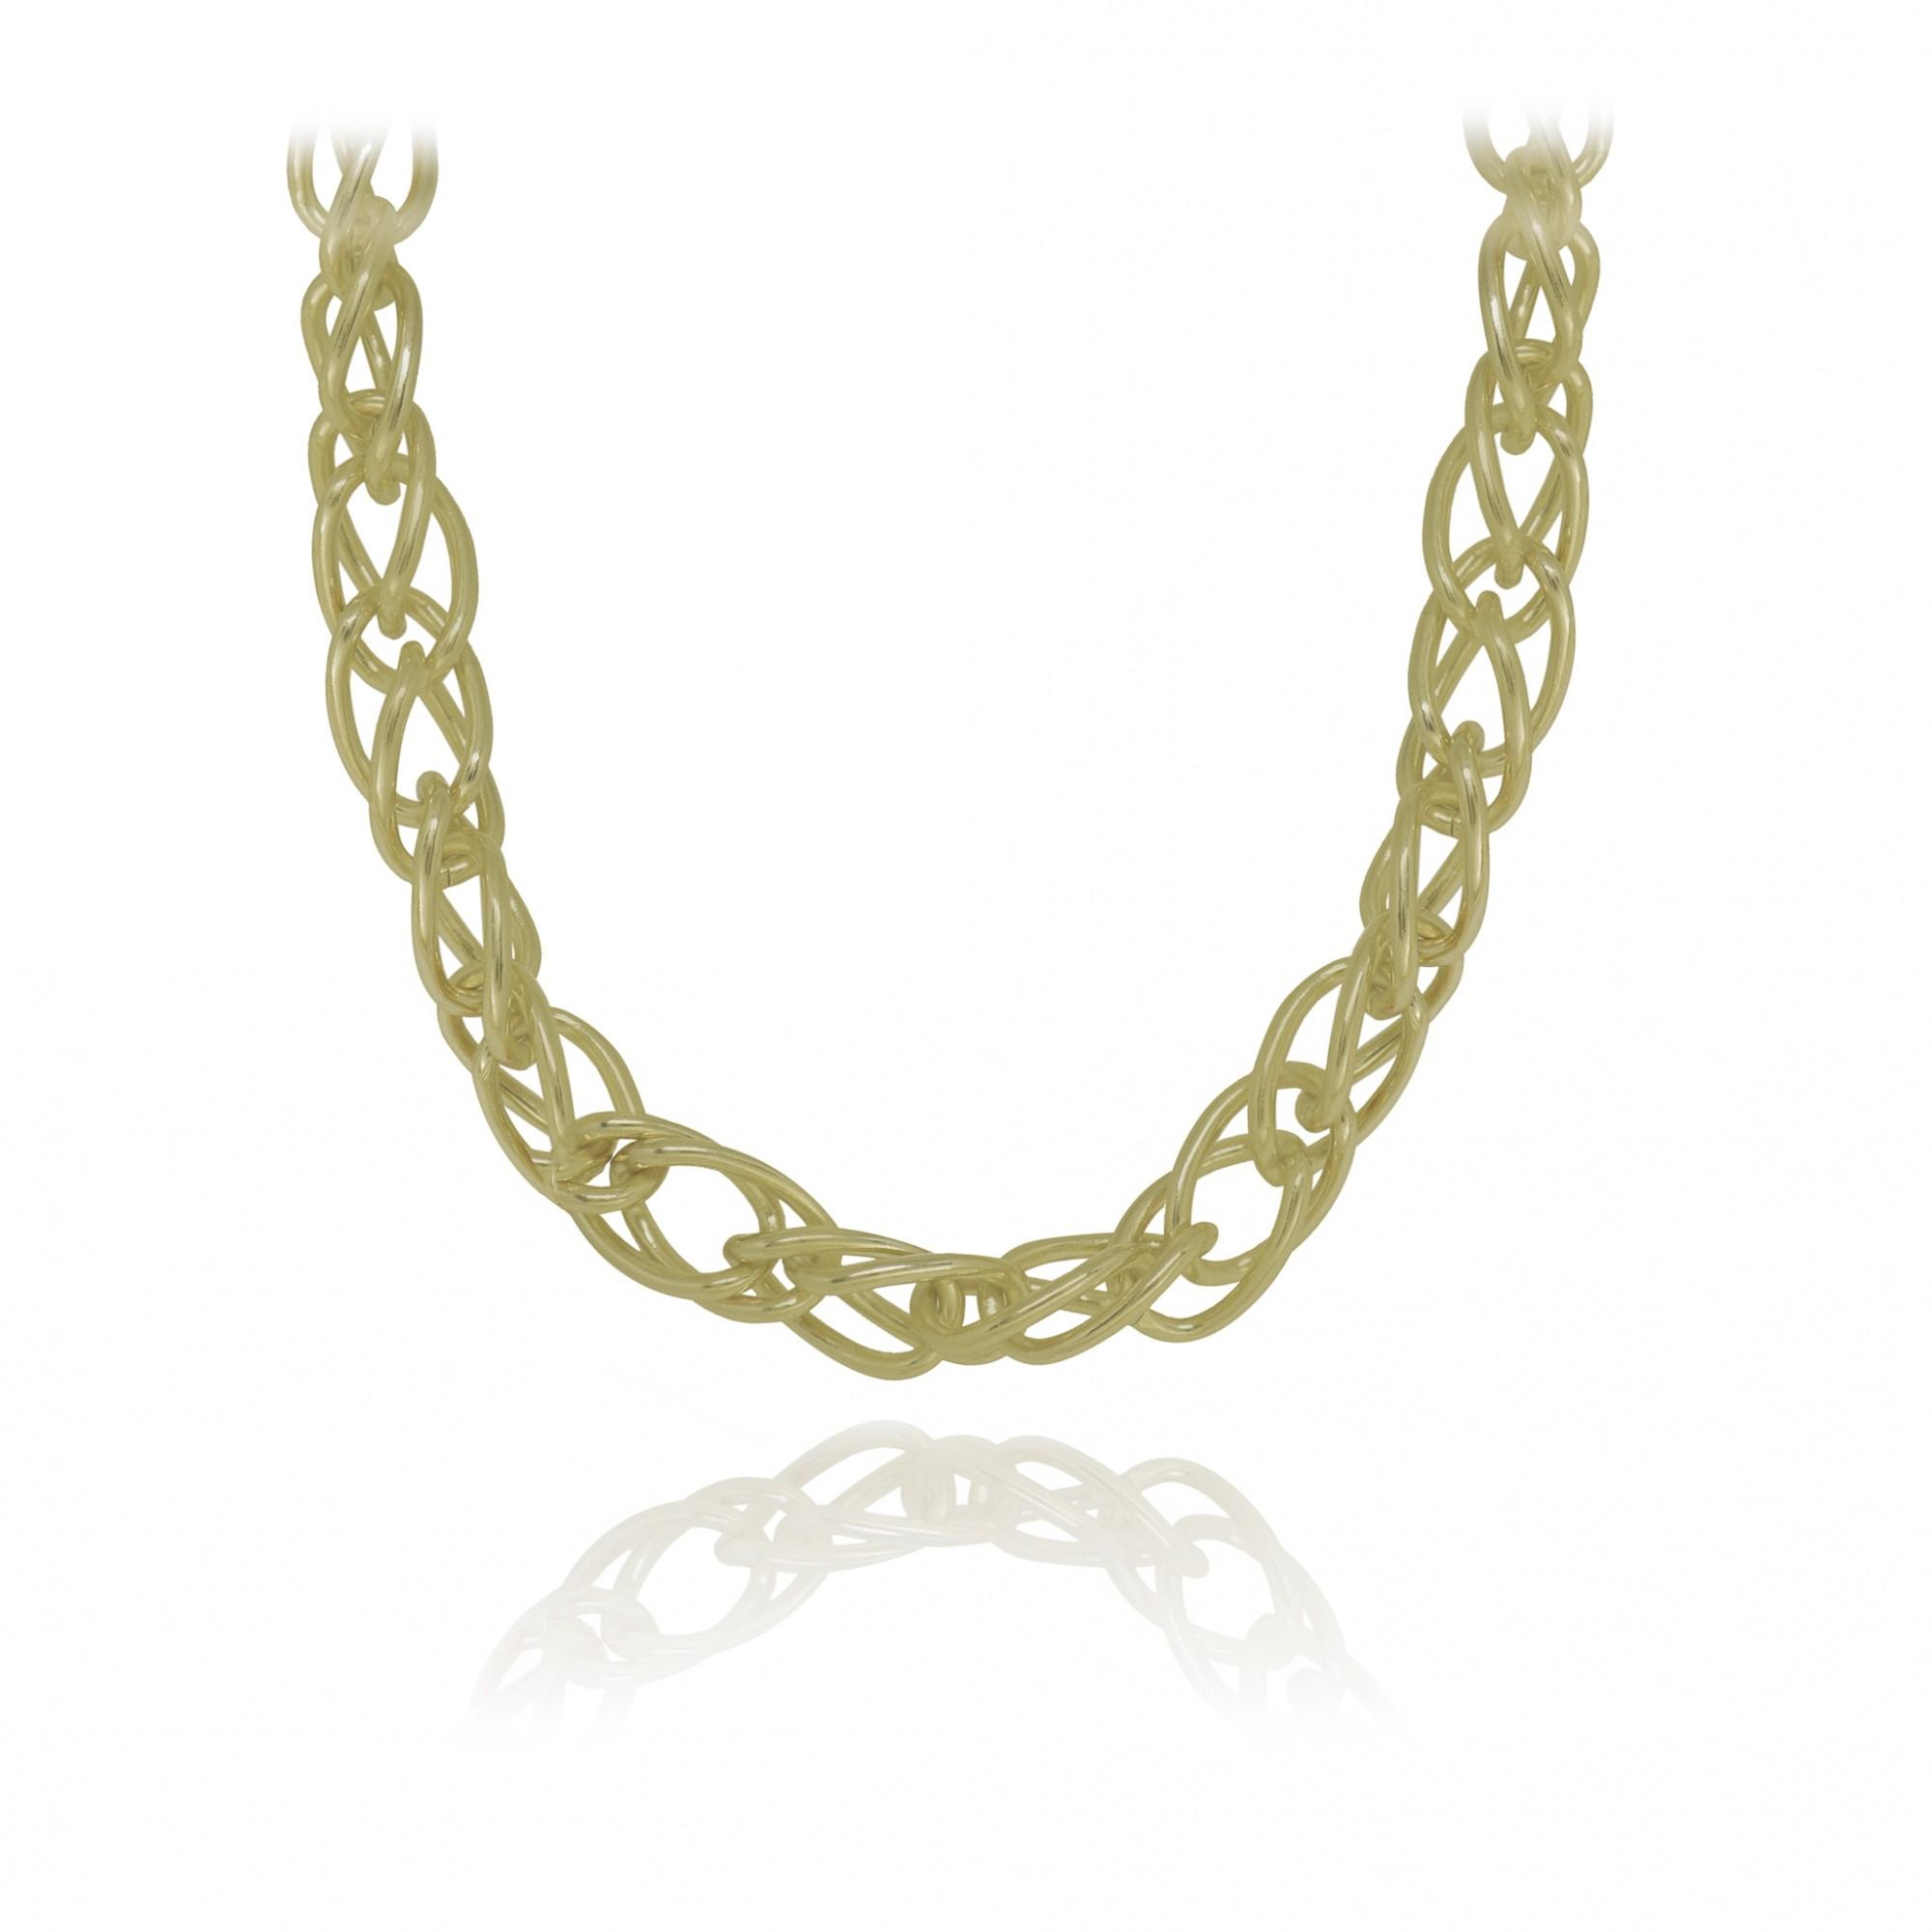 Gargantilha folheada a ouro ou prata e verniz Diversos elos